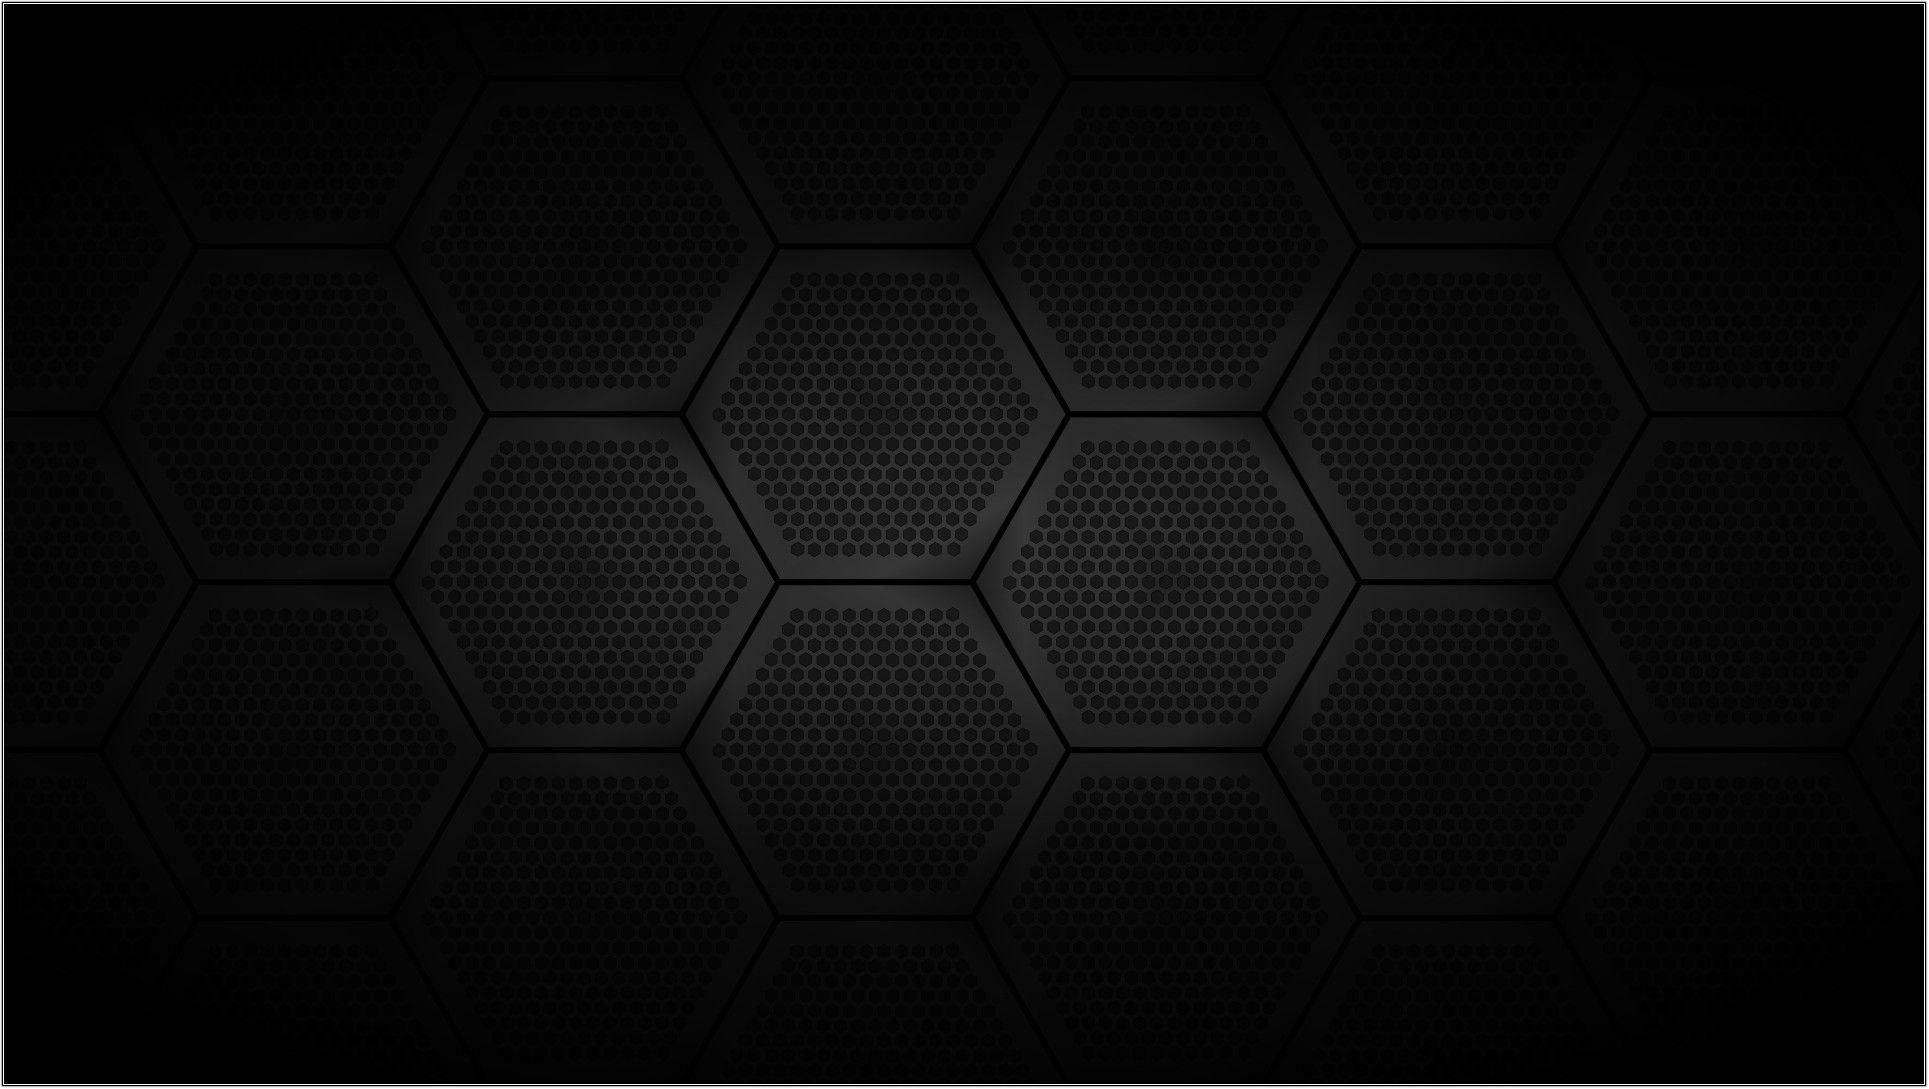 background carbon fiber